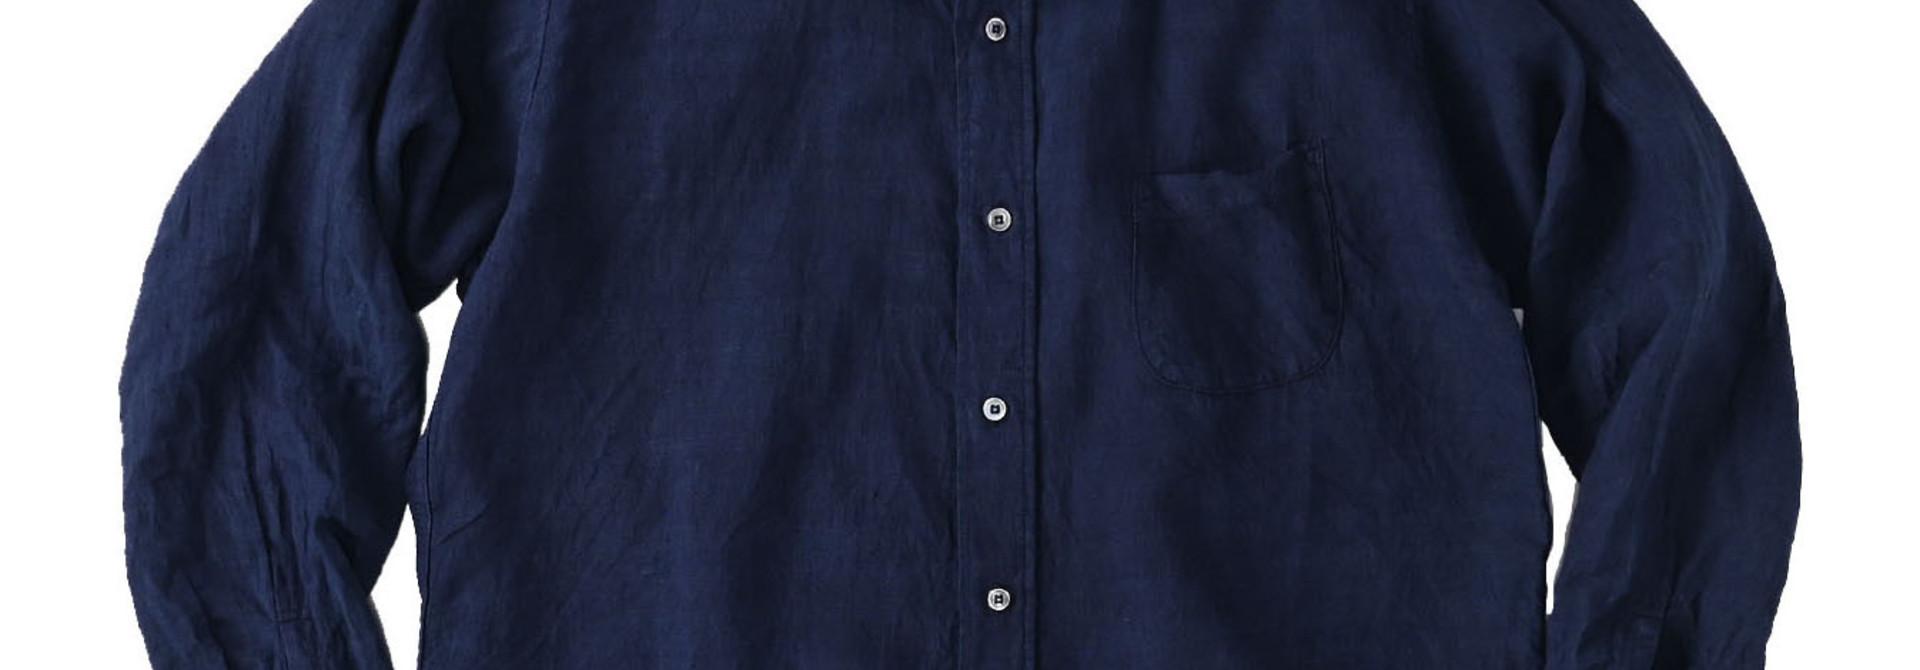 Indigo Indian Linen Flat 908 Ocean Shirt (0521)